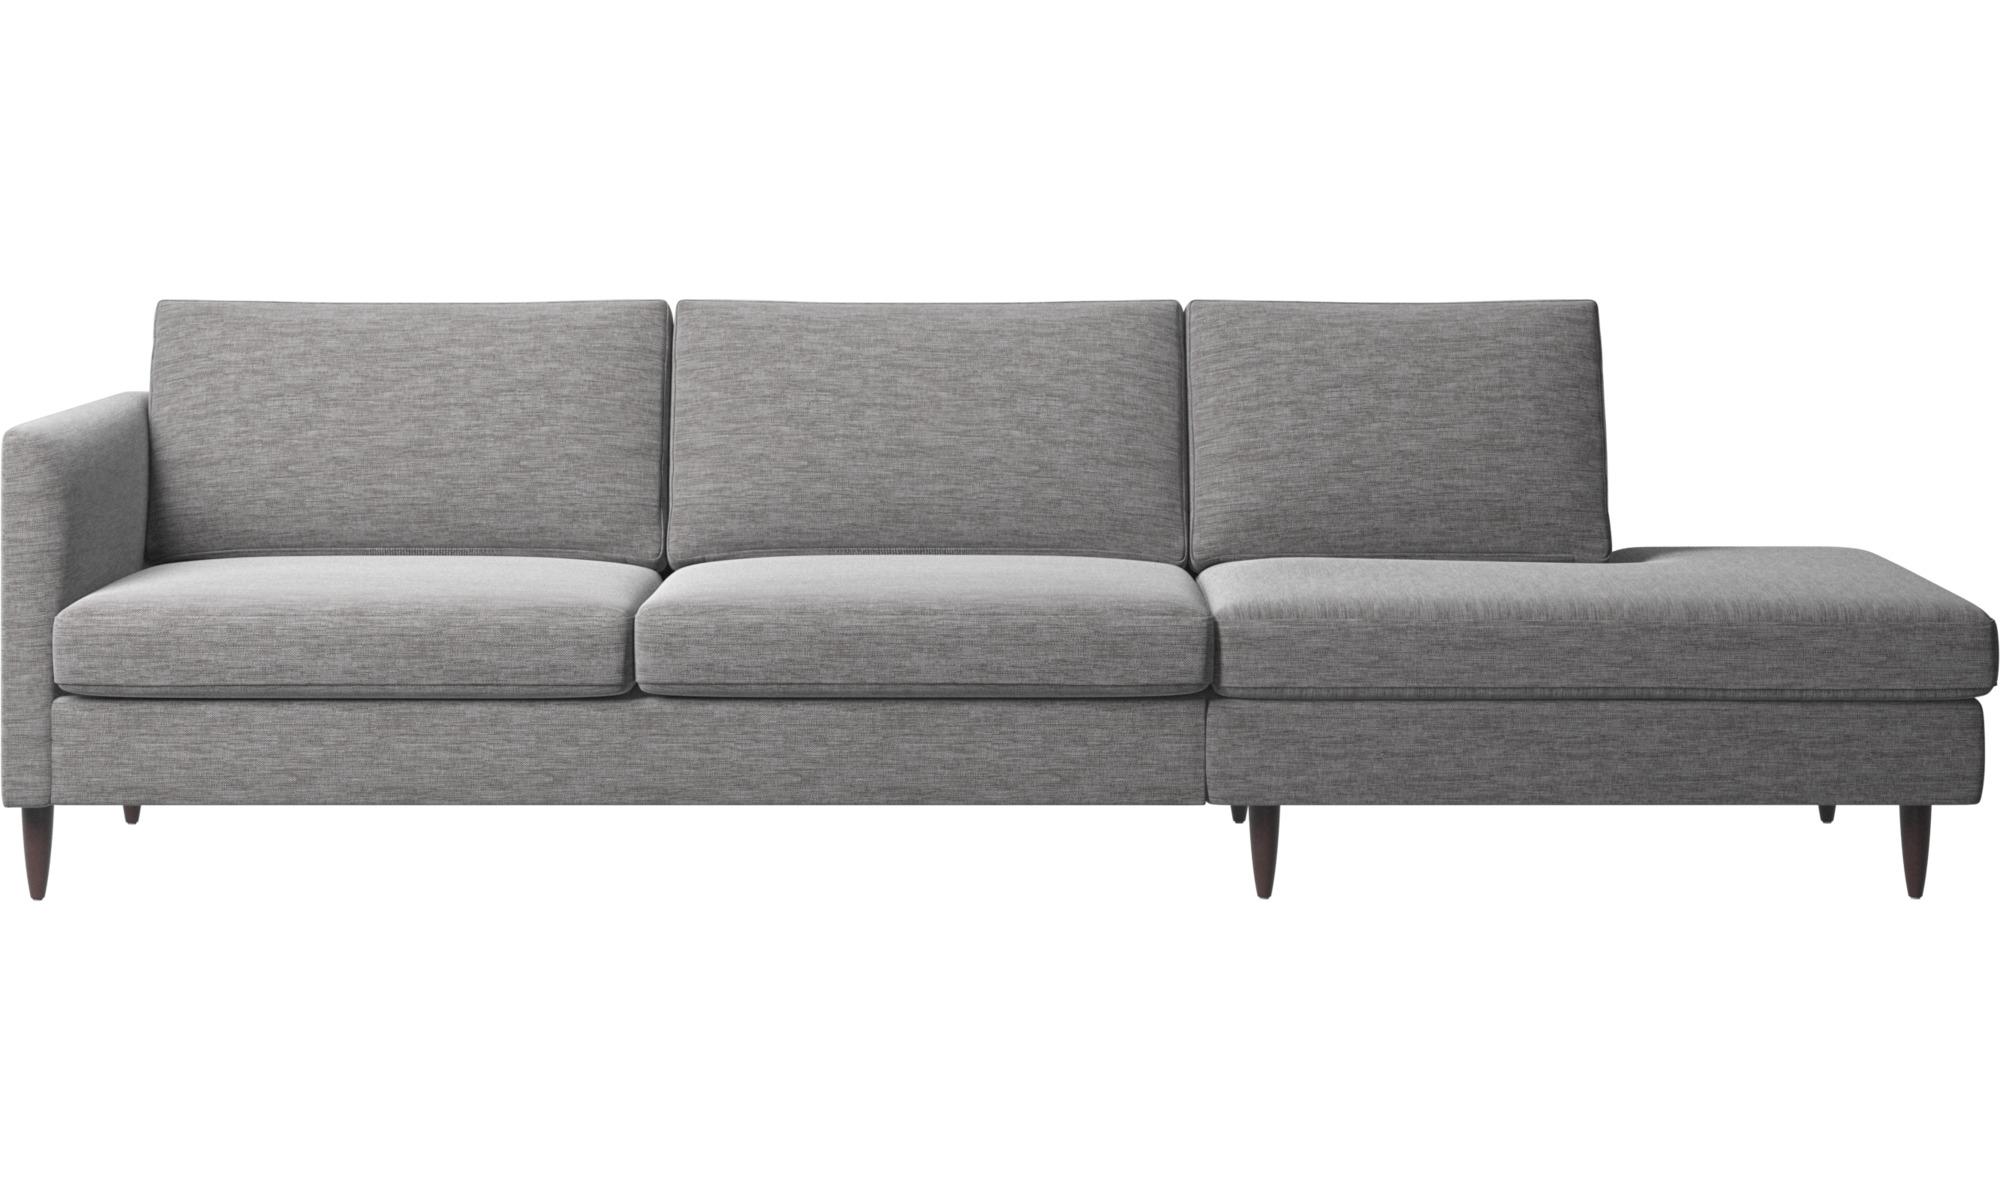 Sofaer med hvilemodul - Indivi sofa med loungemodul - Grå - Stof